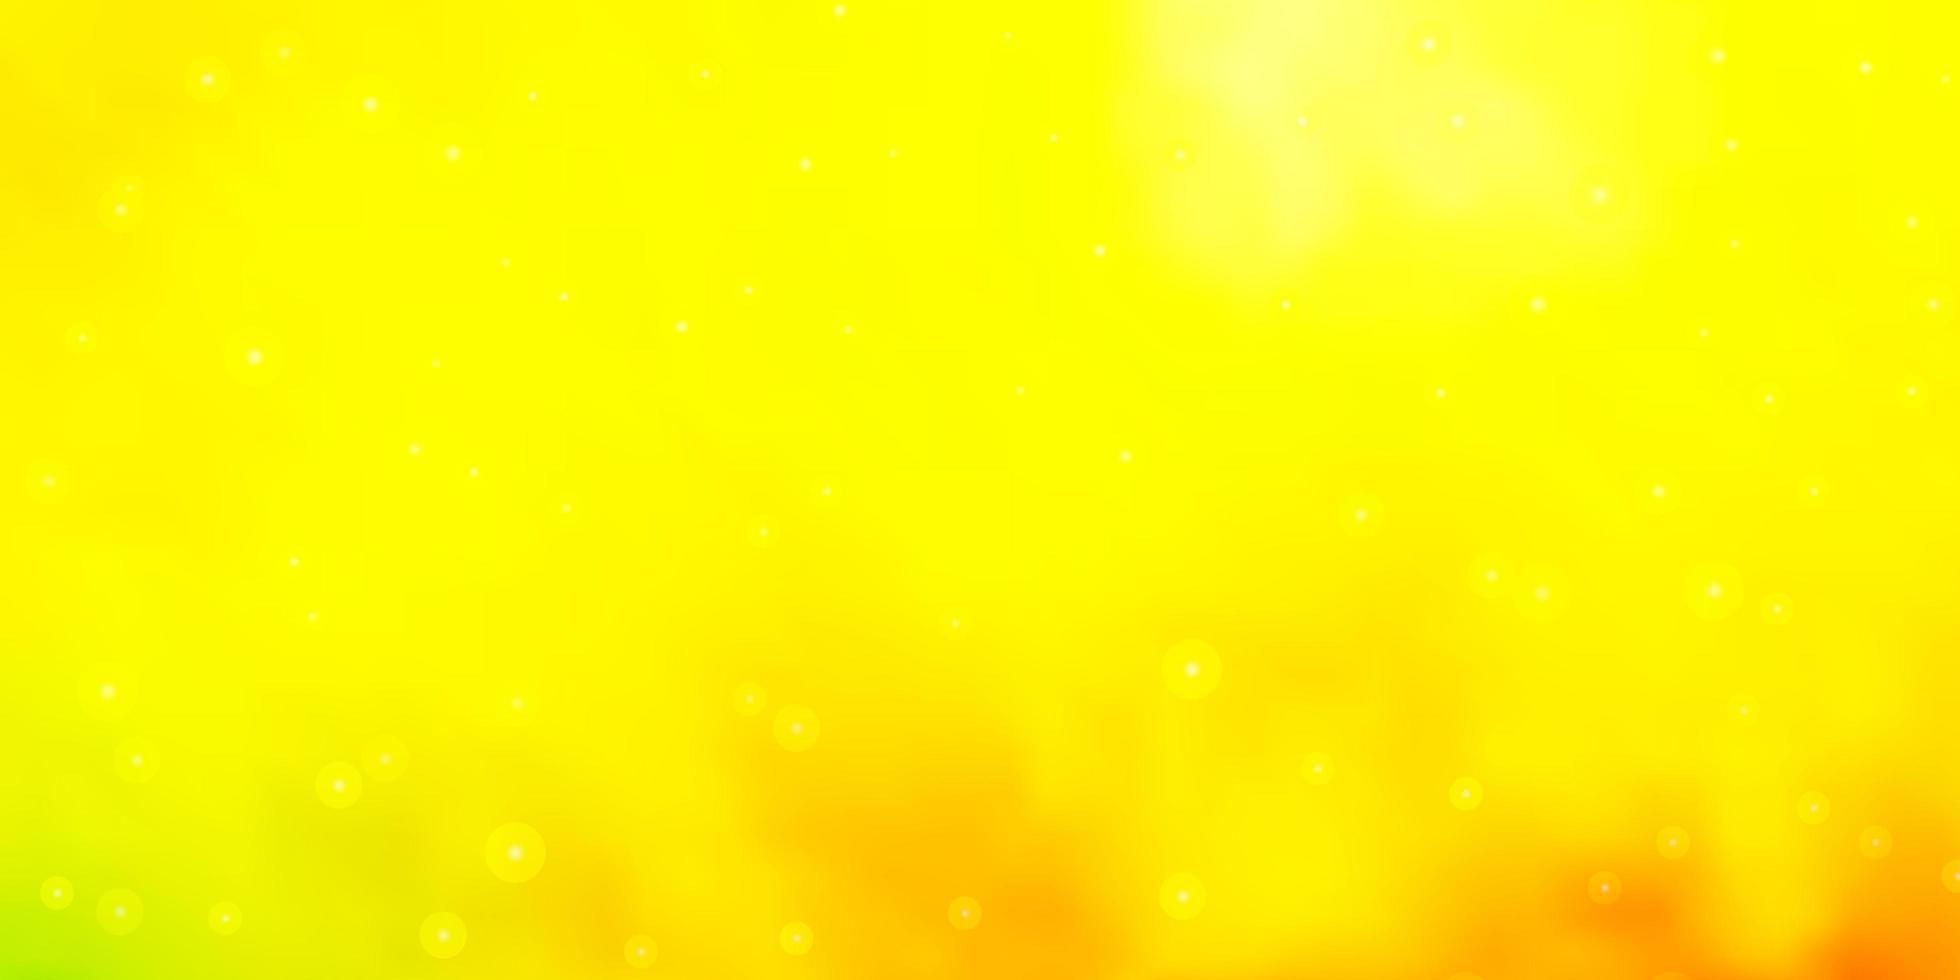 luz vermelha, padrão de vetor amarelo com estrelas abstratas.